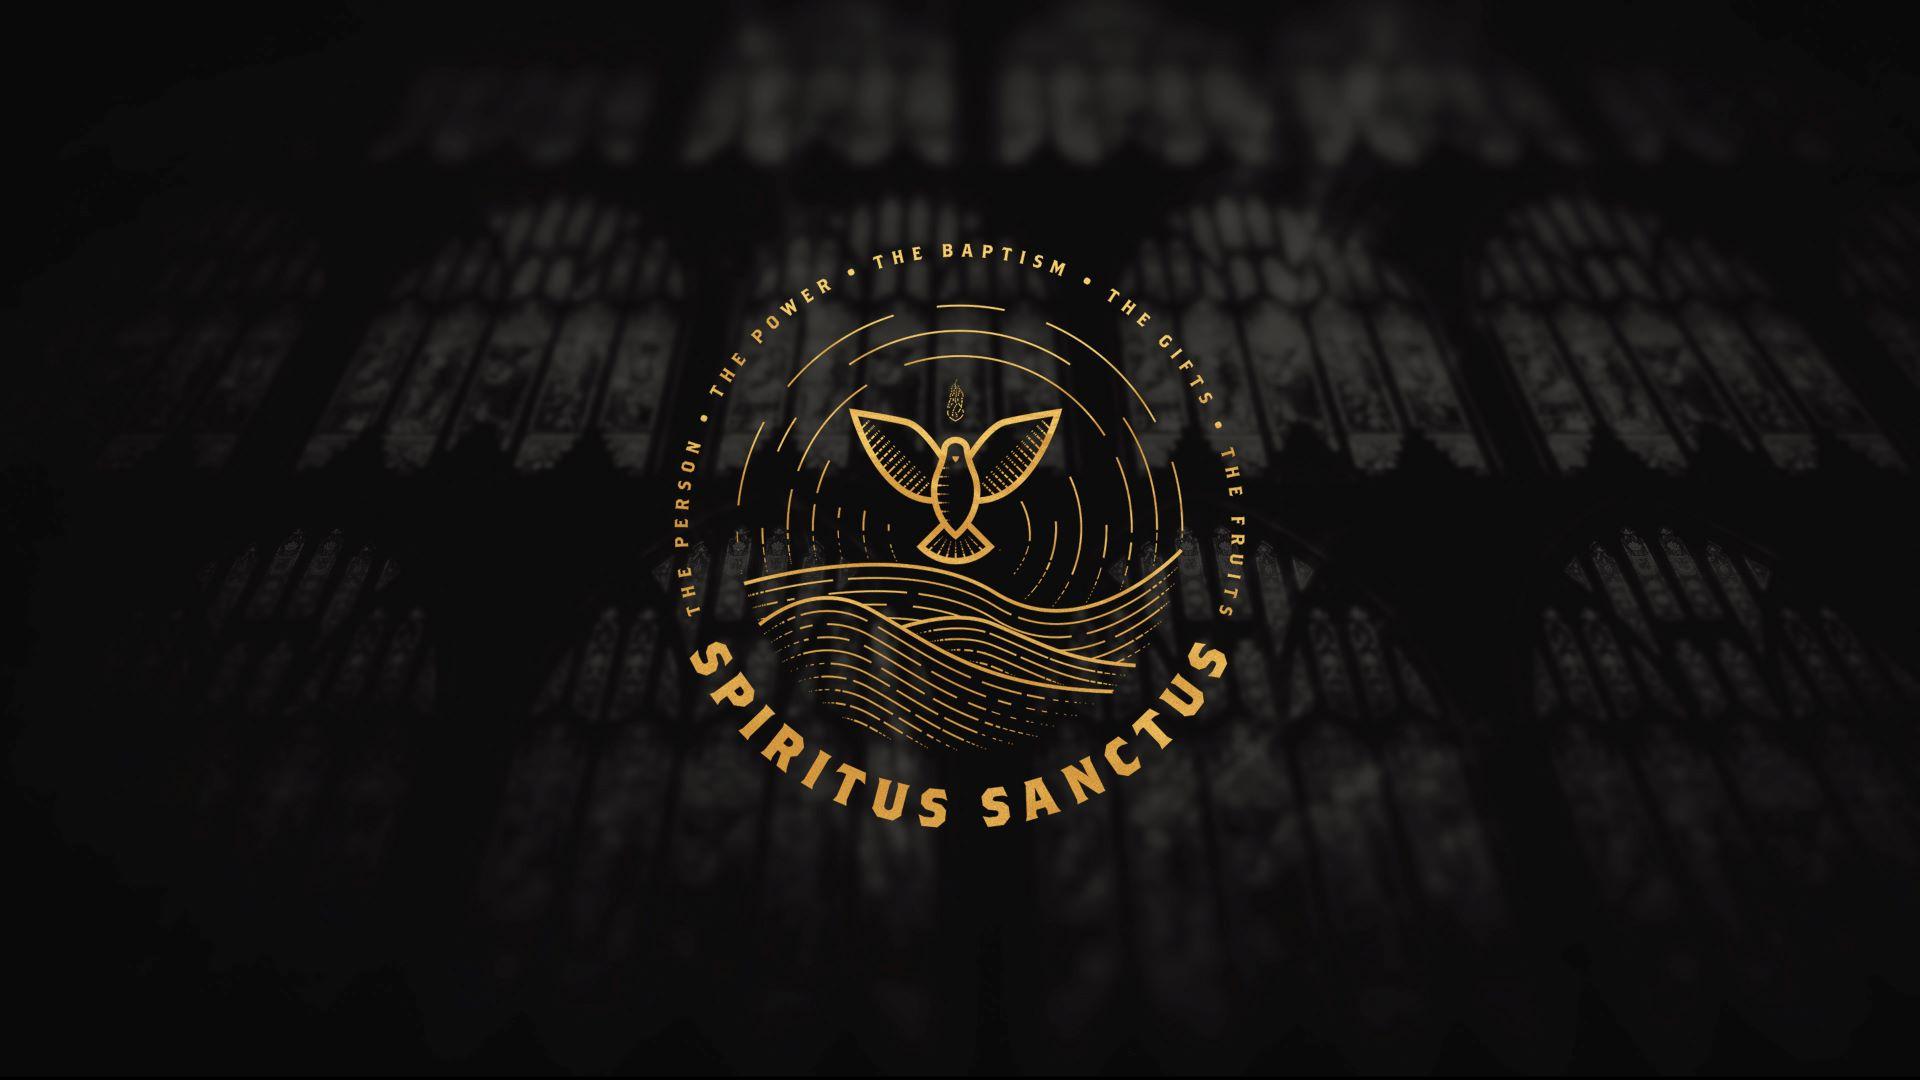 Spiritus Sanctus: The Person - Audio